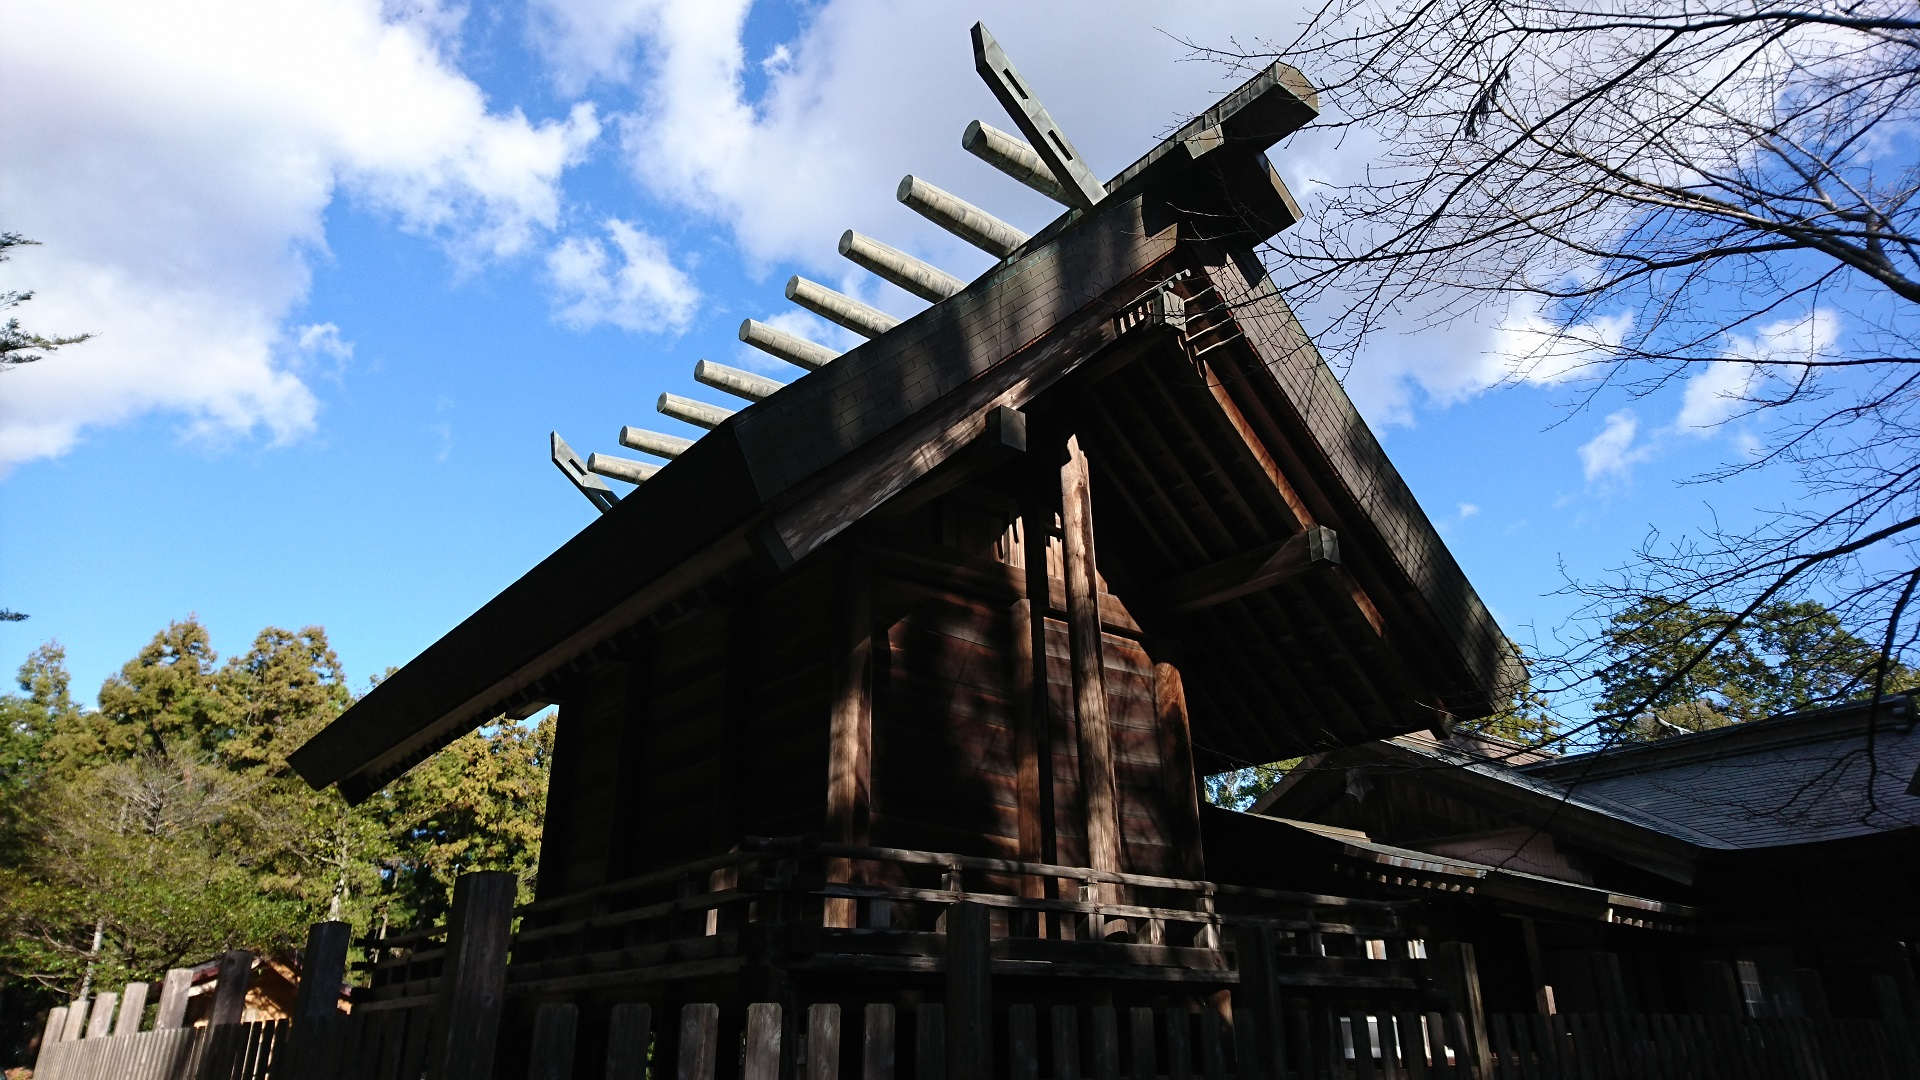 2016.12.23 井伊谷宮 (18) 本殿 1920-1080